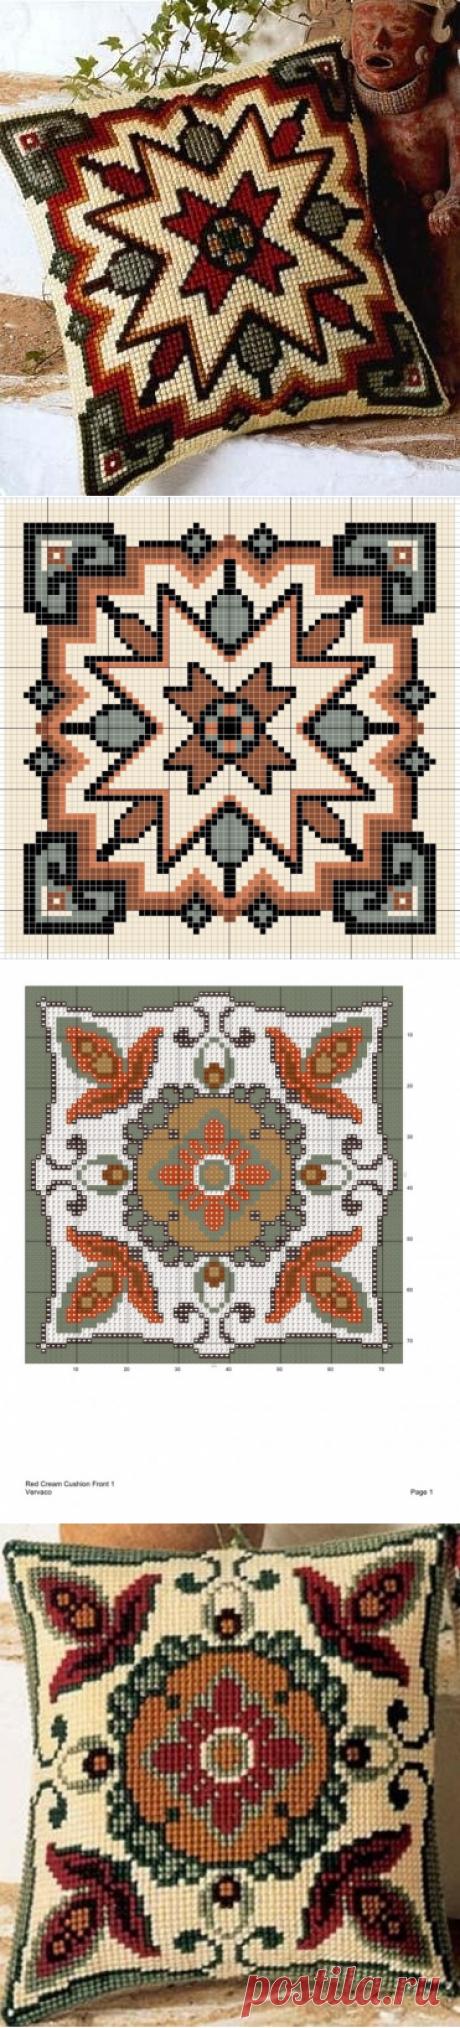 Вышивка крестом подушек